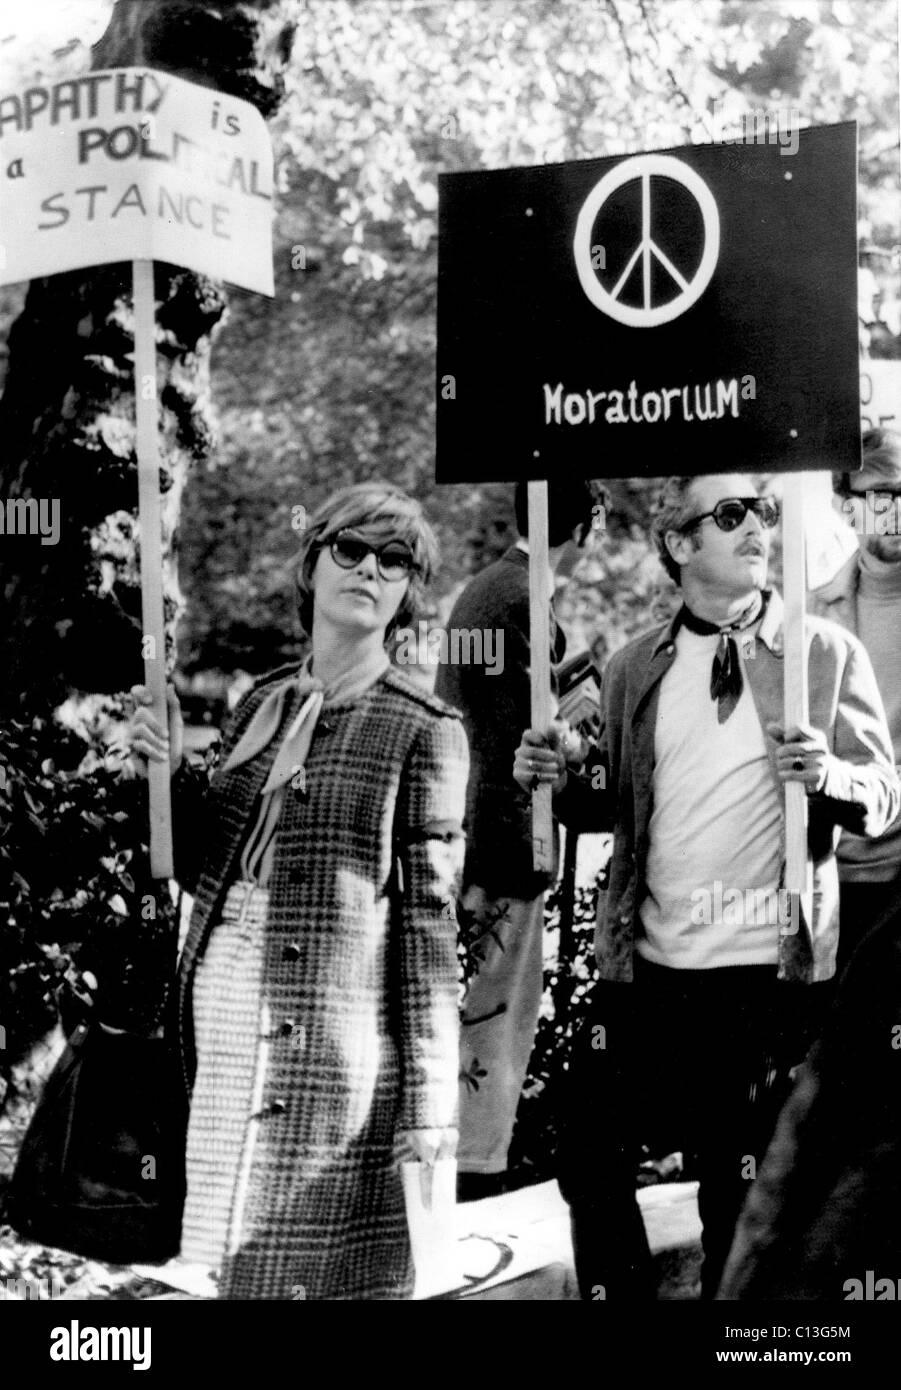 JOANNE WOODWARD und PAUL NEWMAN protestieren den Vietnam-Krieg, 1969 Stockfoto